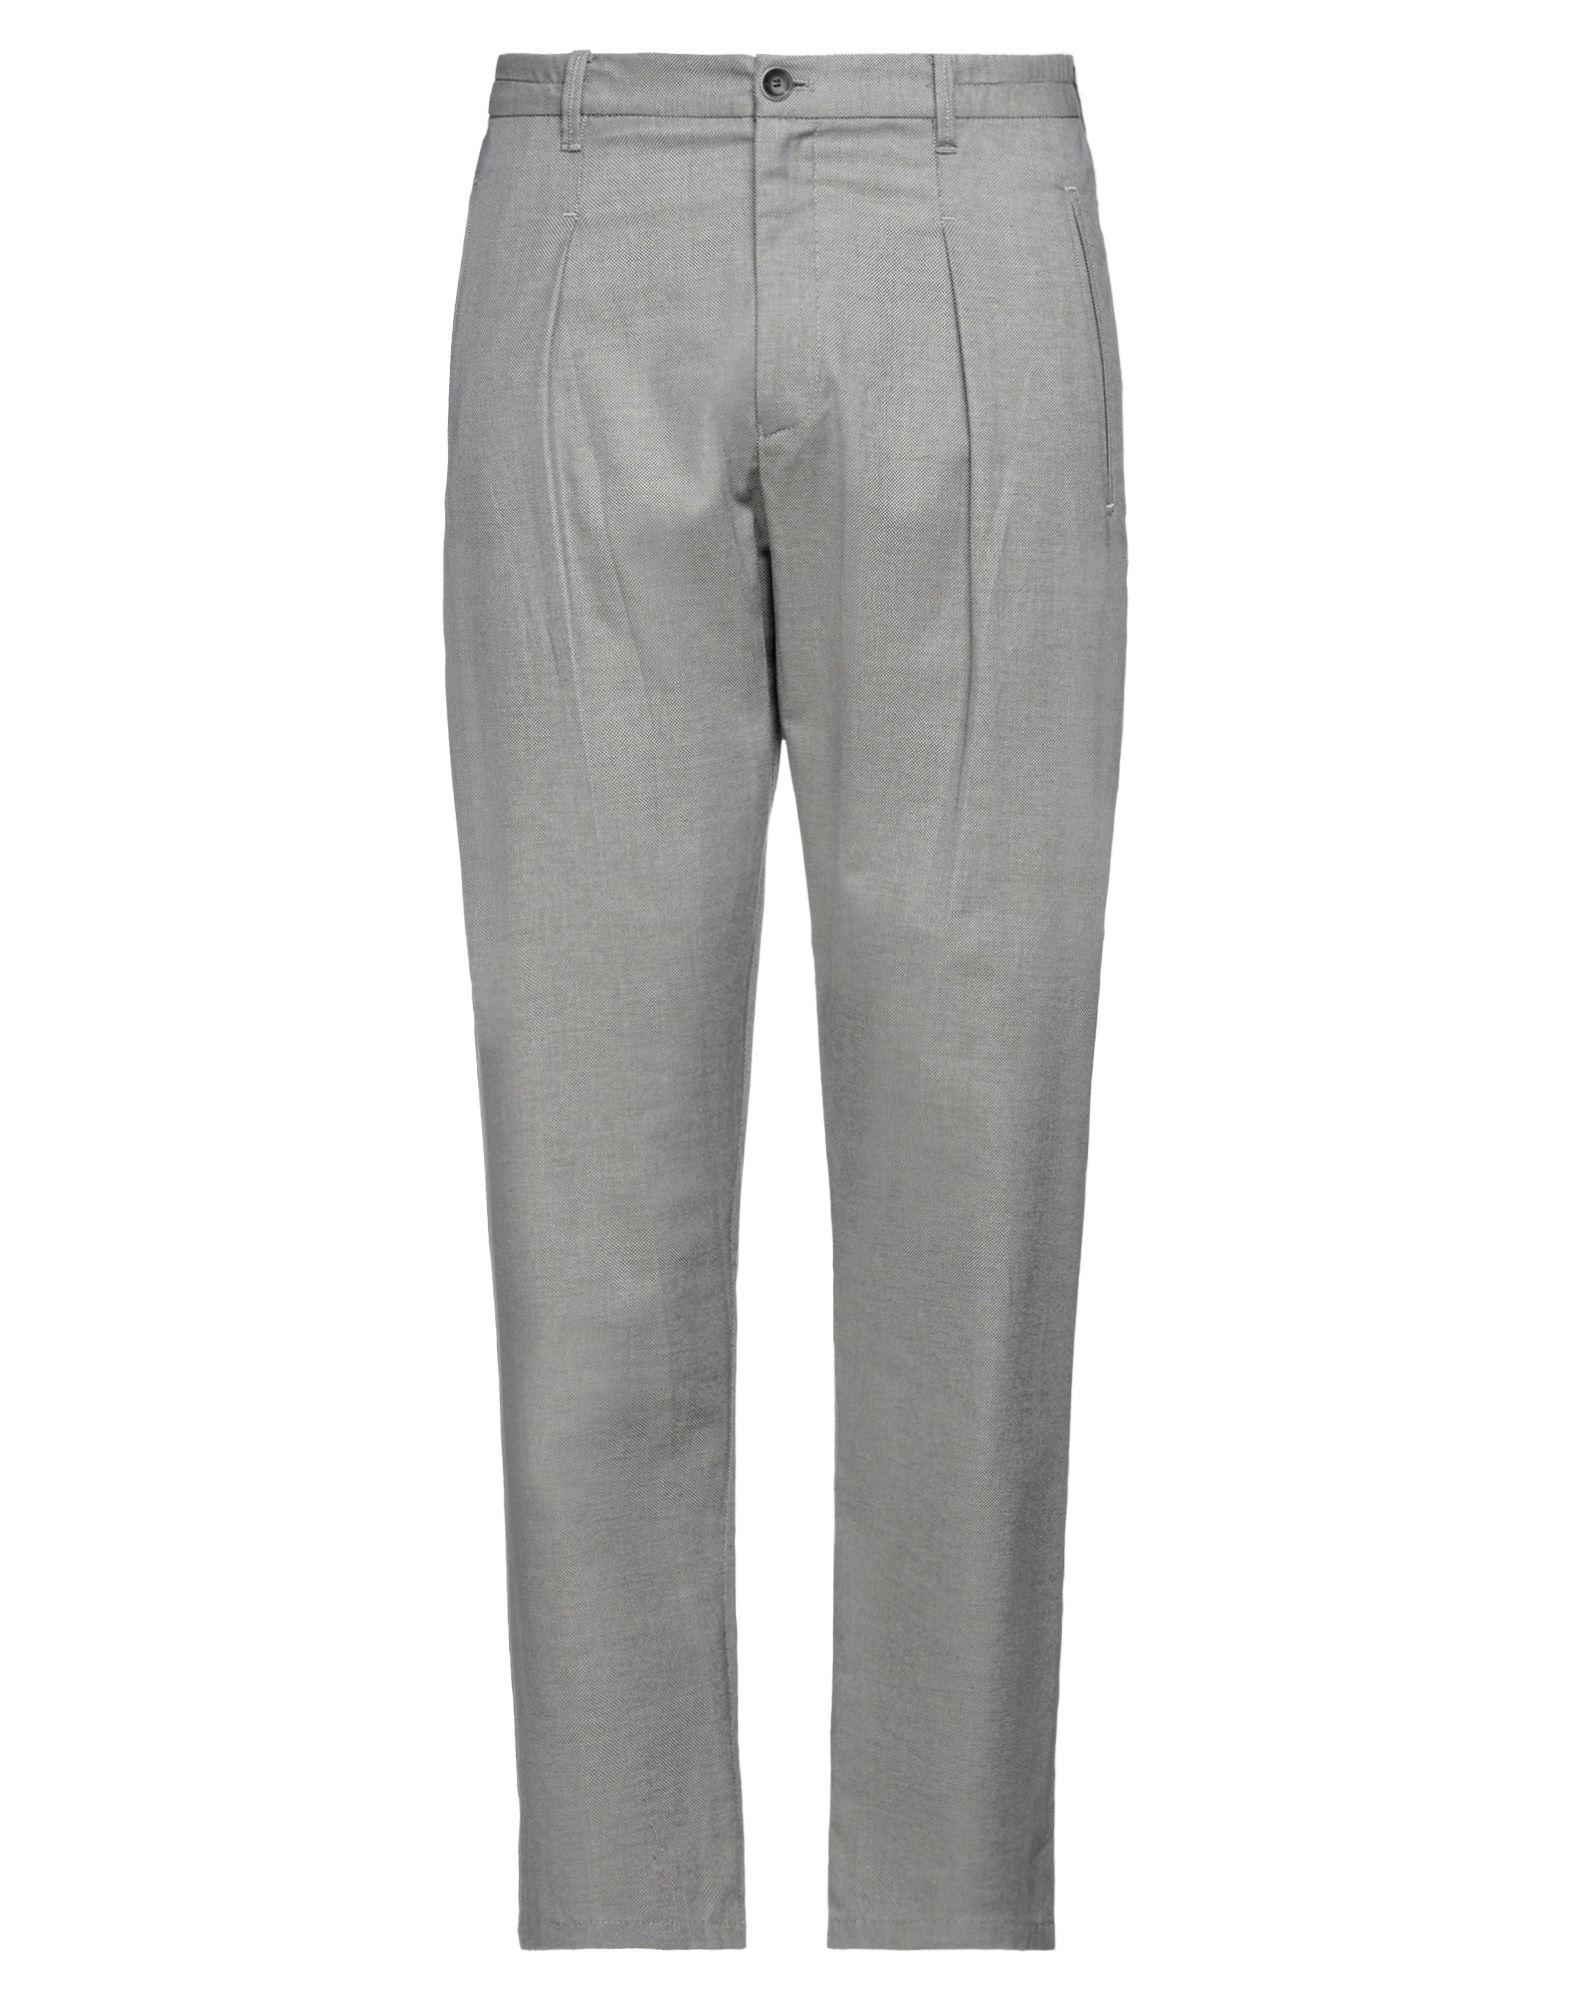 Armani Collezioni Casual Pants In Neutrals